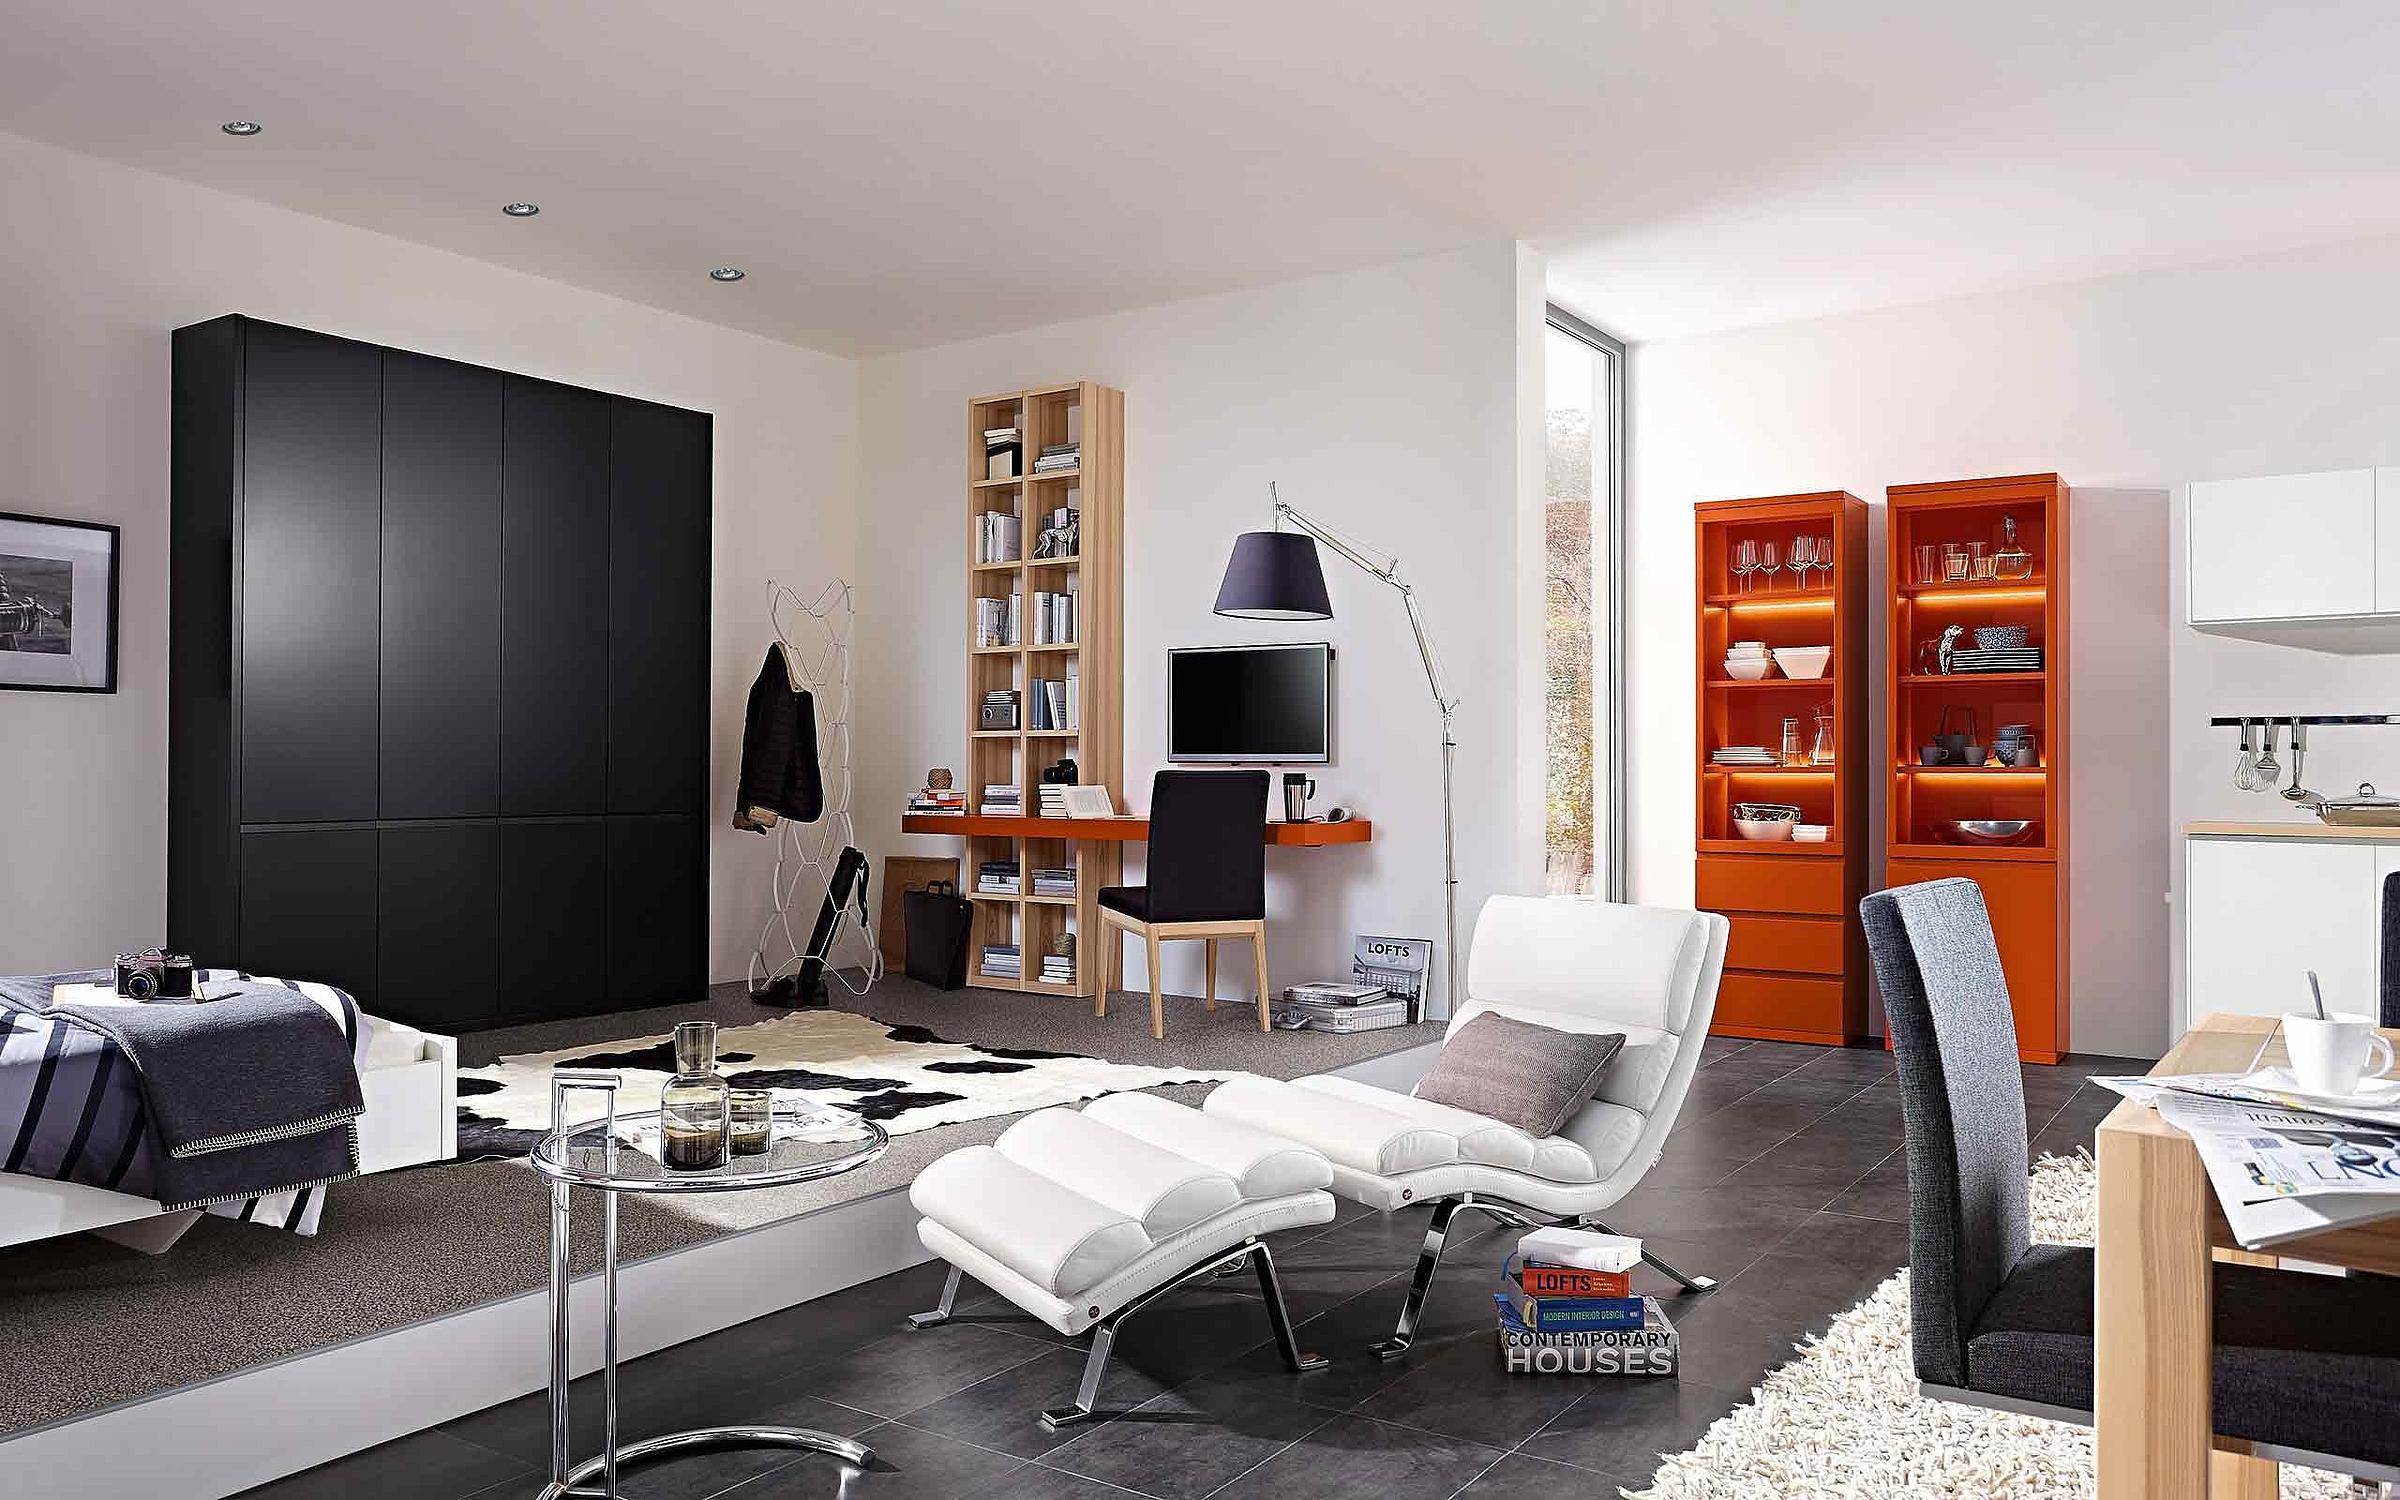 Kleiderschrank Schreibplatz Vitrine Schlafzimmer Esszimmer Enjoy